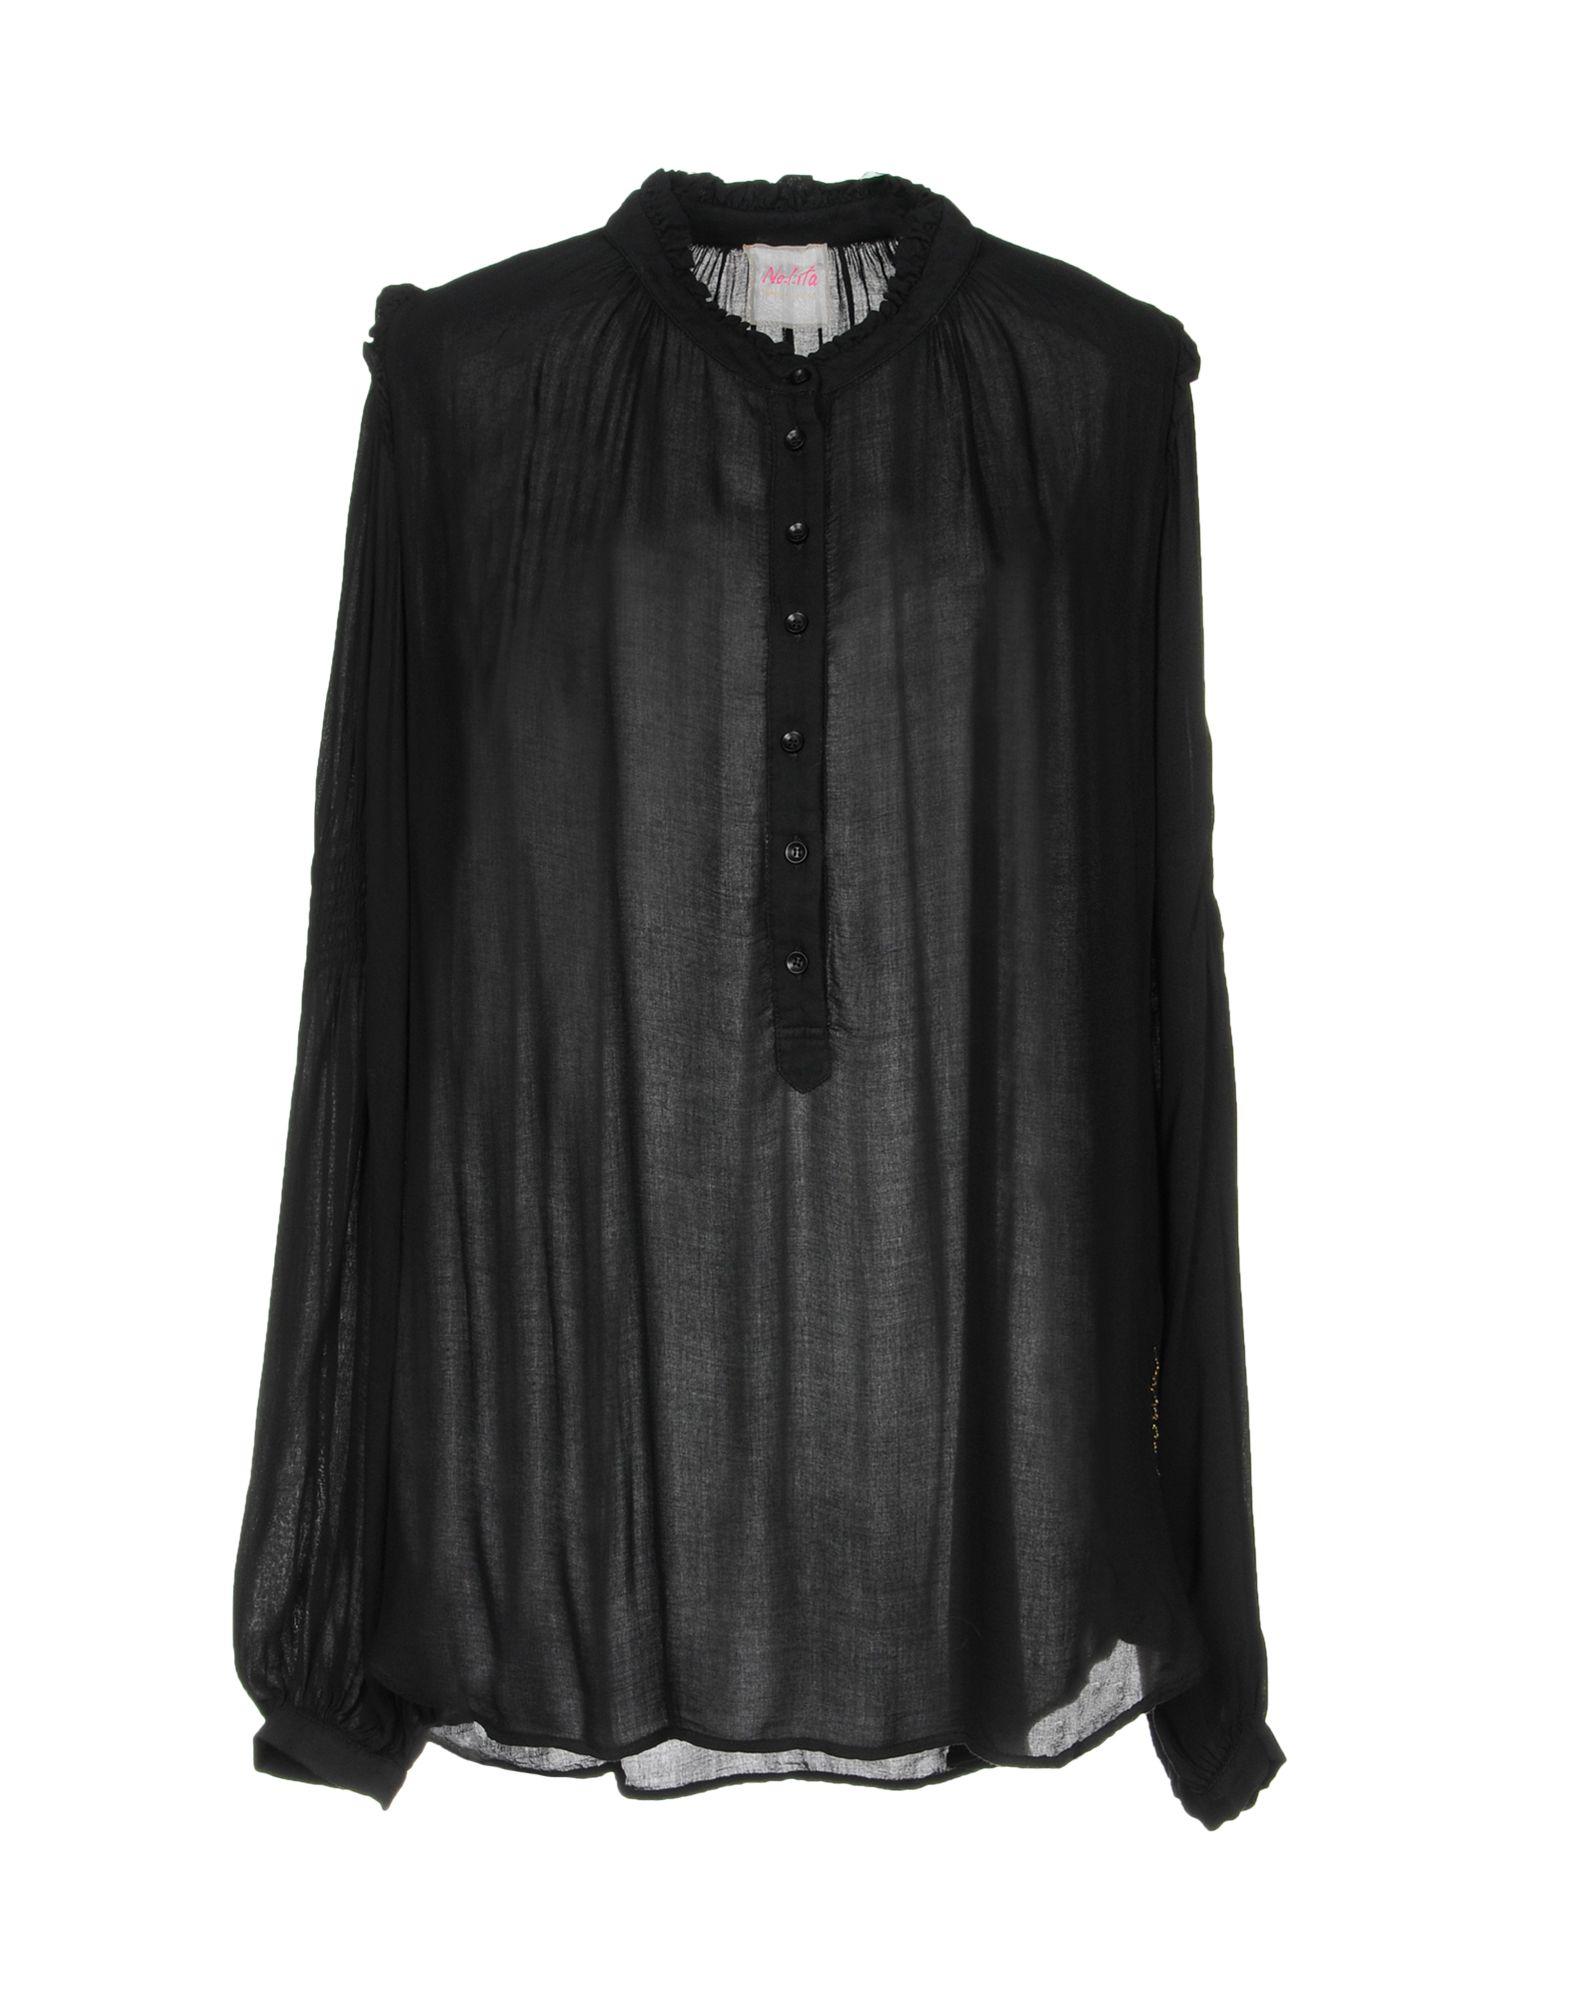 《送料無料》NOLITA レディース シャツ ブラック XS レーヨン 100%